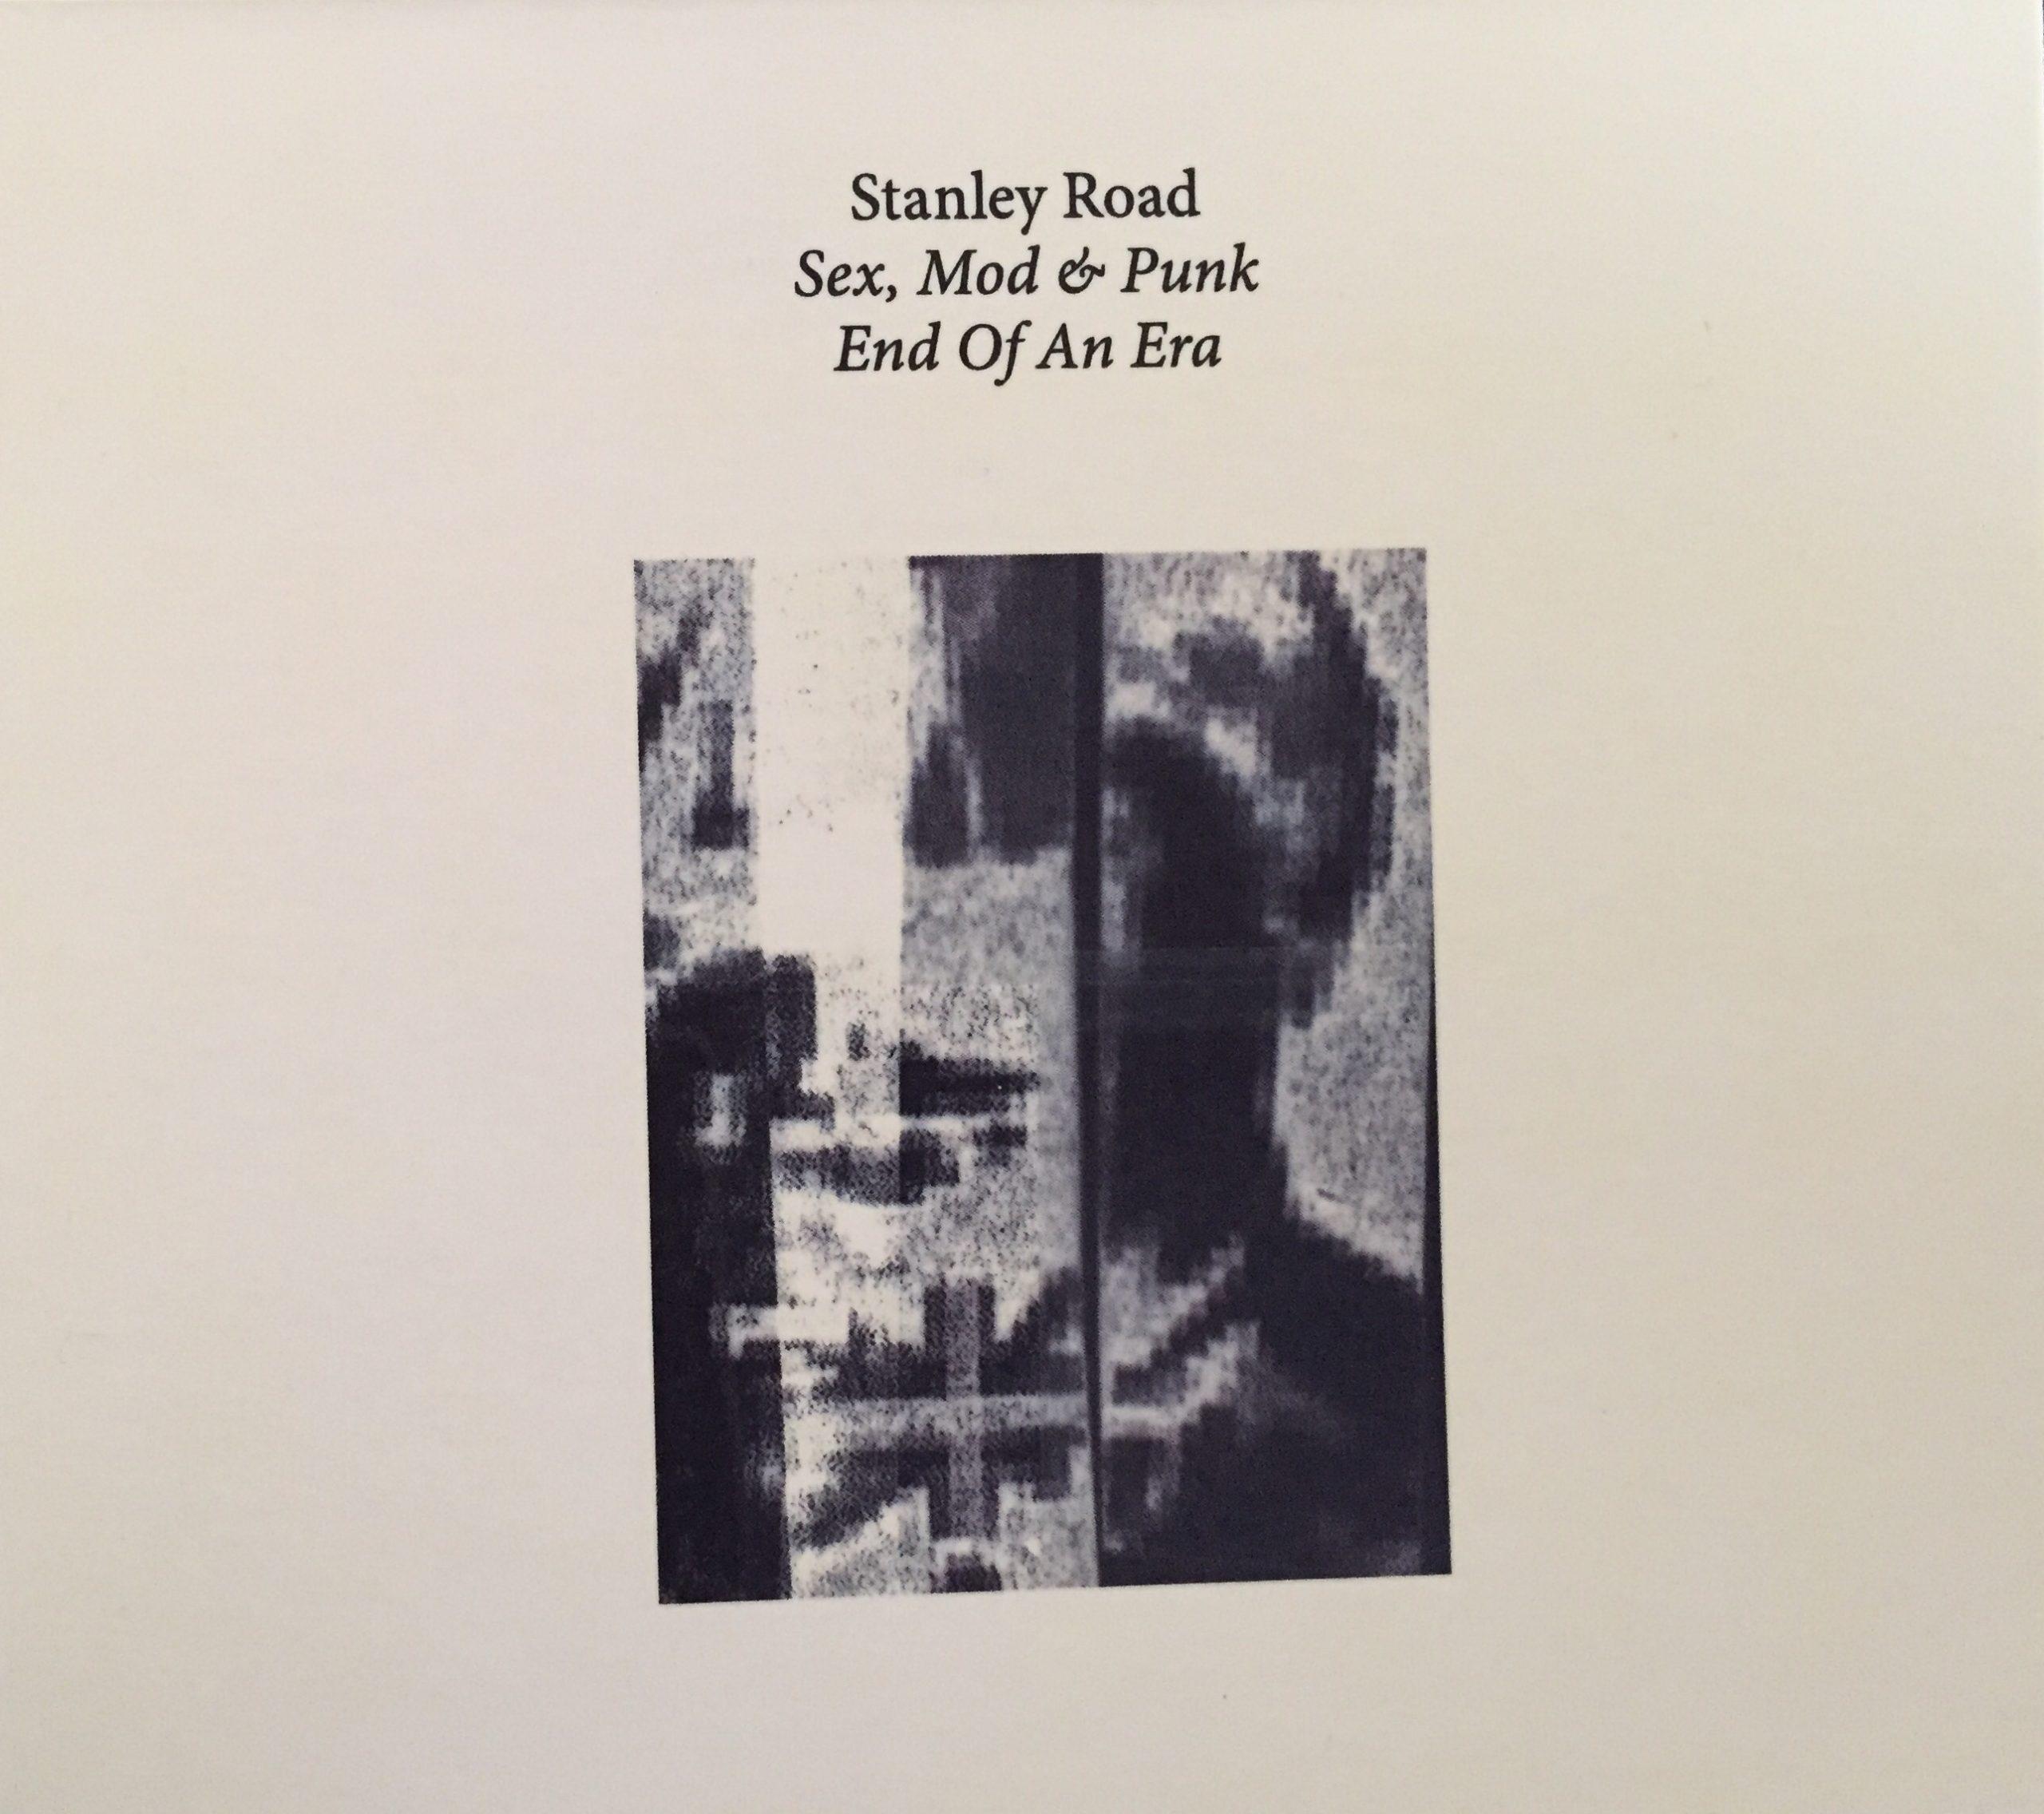 portada del album Sex, Mod & Punk. End of an Era